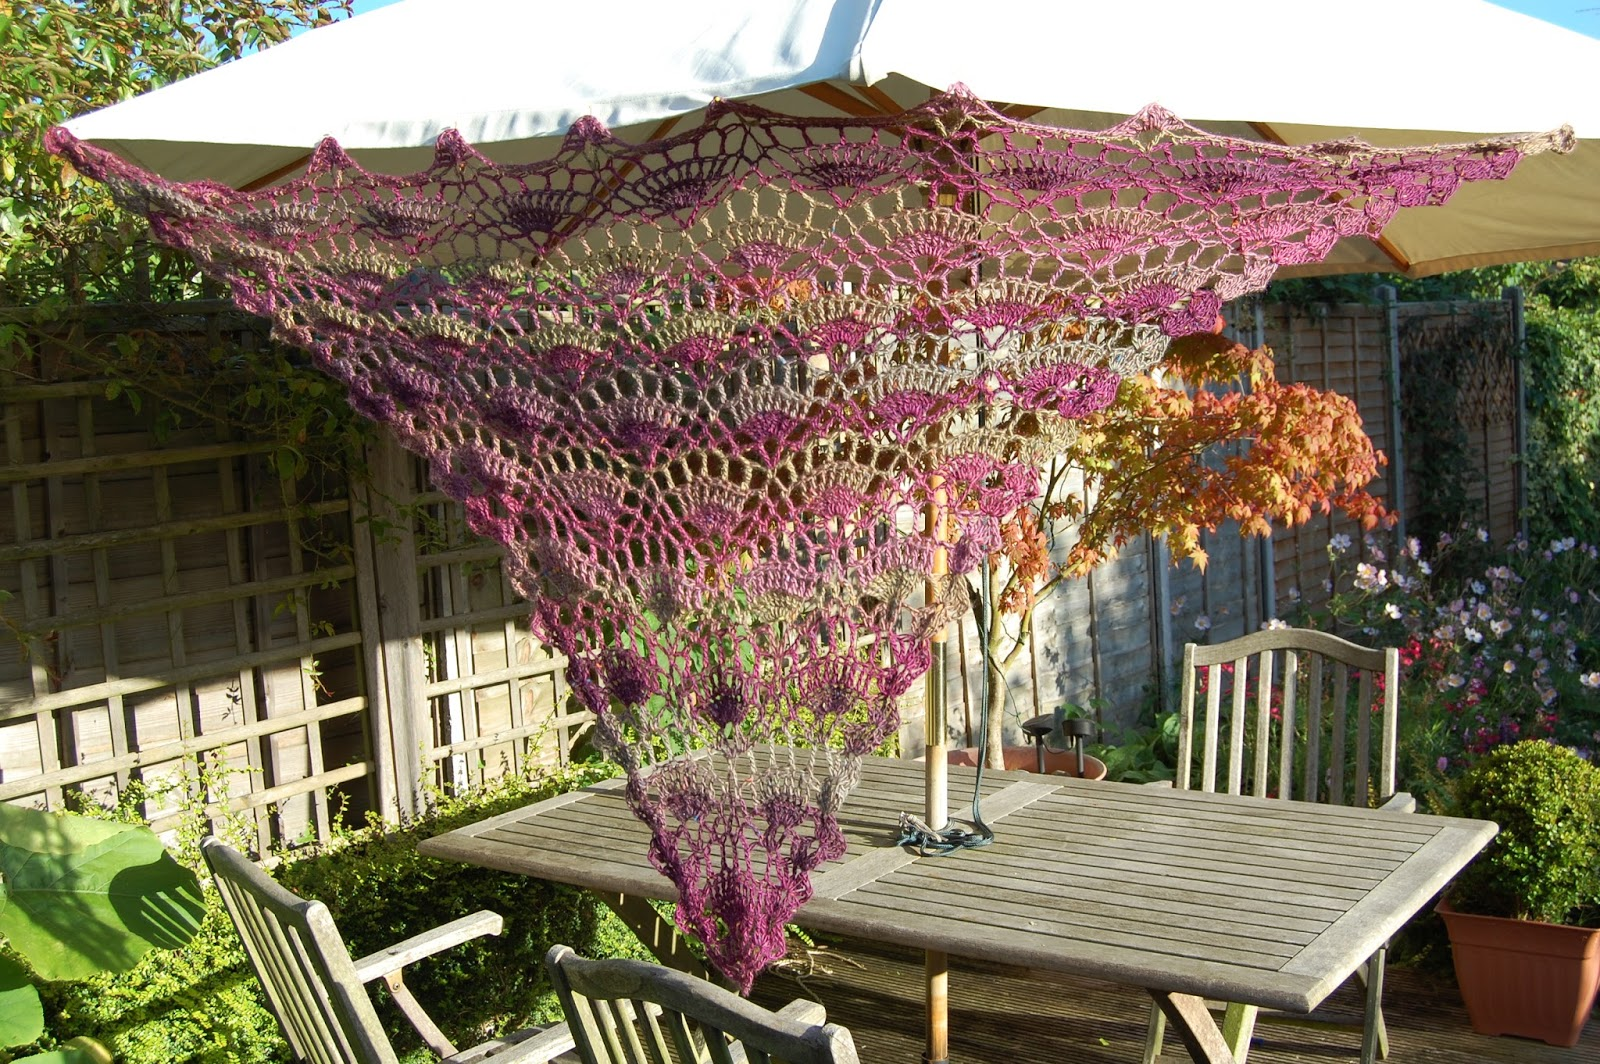 CRAFTY RED: Crochet Festival Shawl